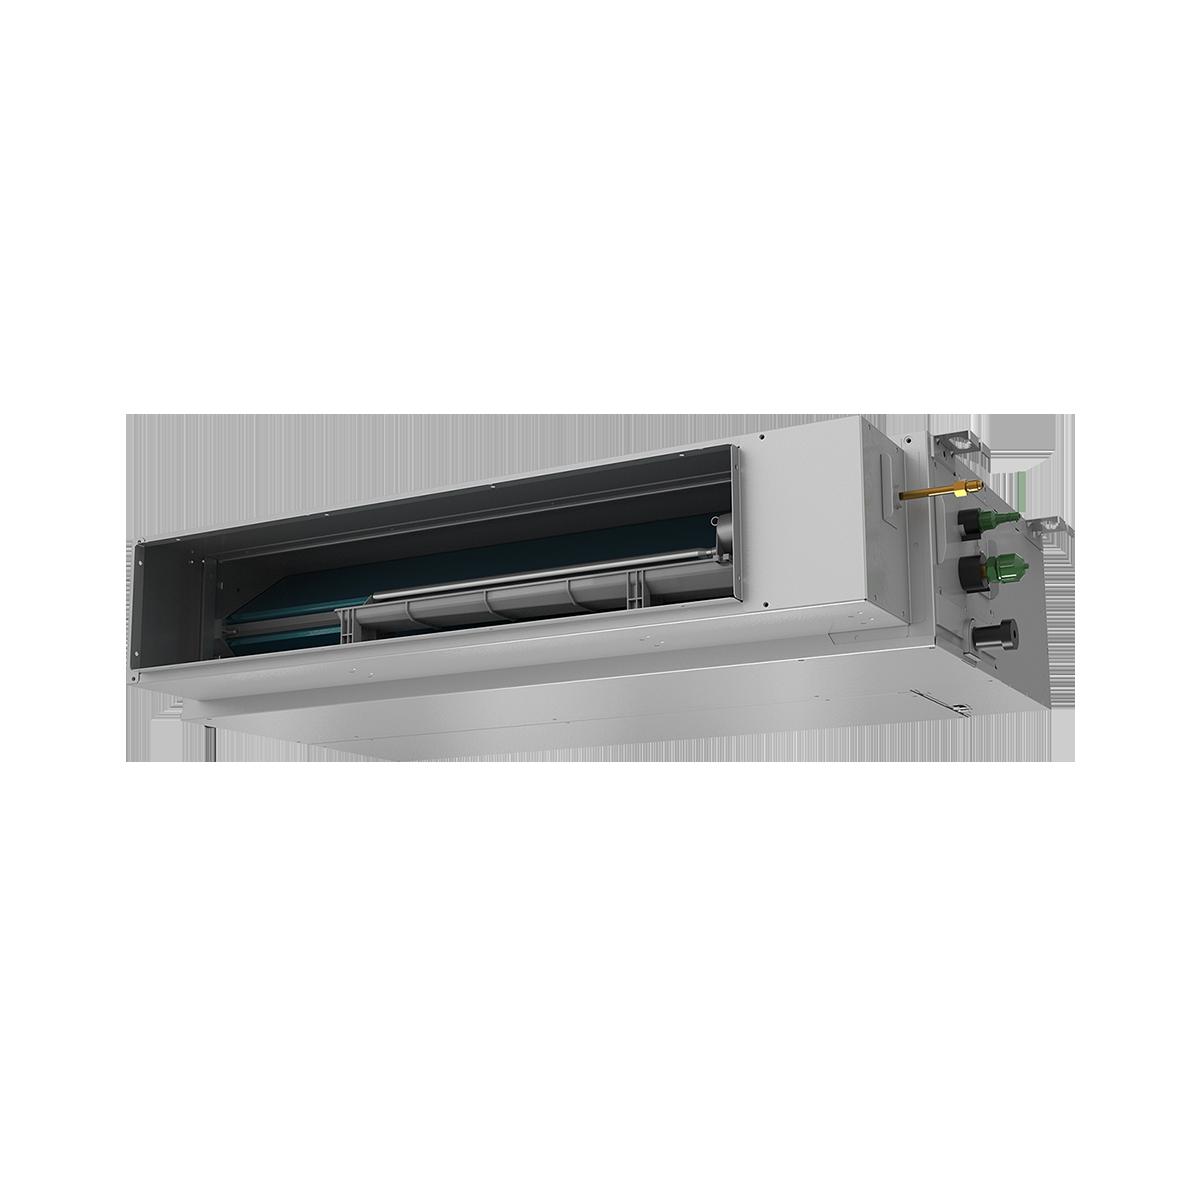 Midea/美的 MDVH-J45T2/BP3N1MX-LH(B2)中央空调内机 说明书.pdf